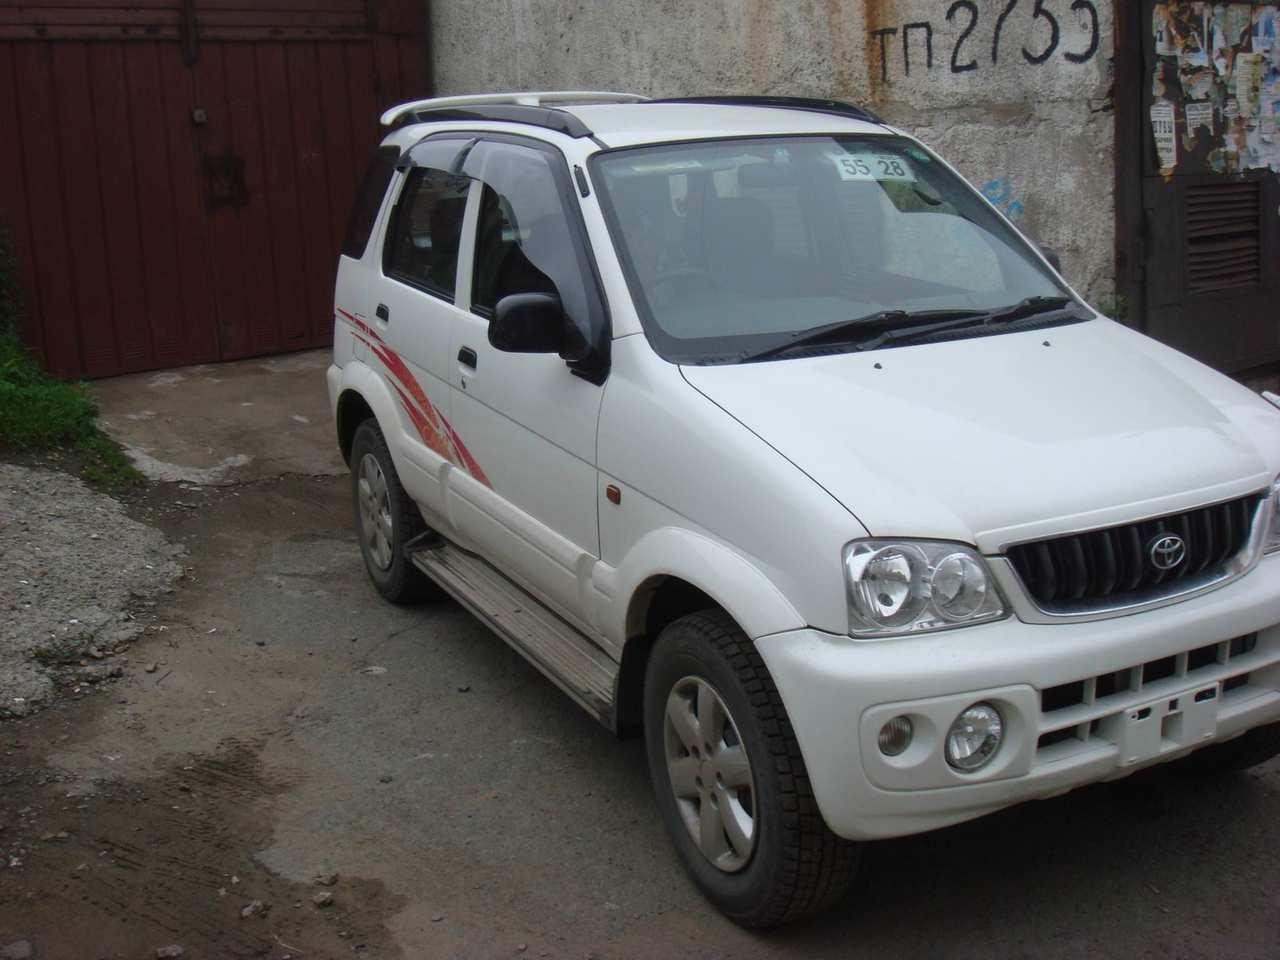 Toyota Cami Cars http://smartmibteam.blogspot.com/2010/11/car-driver